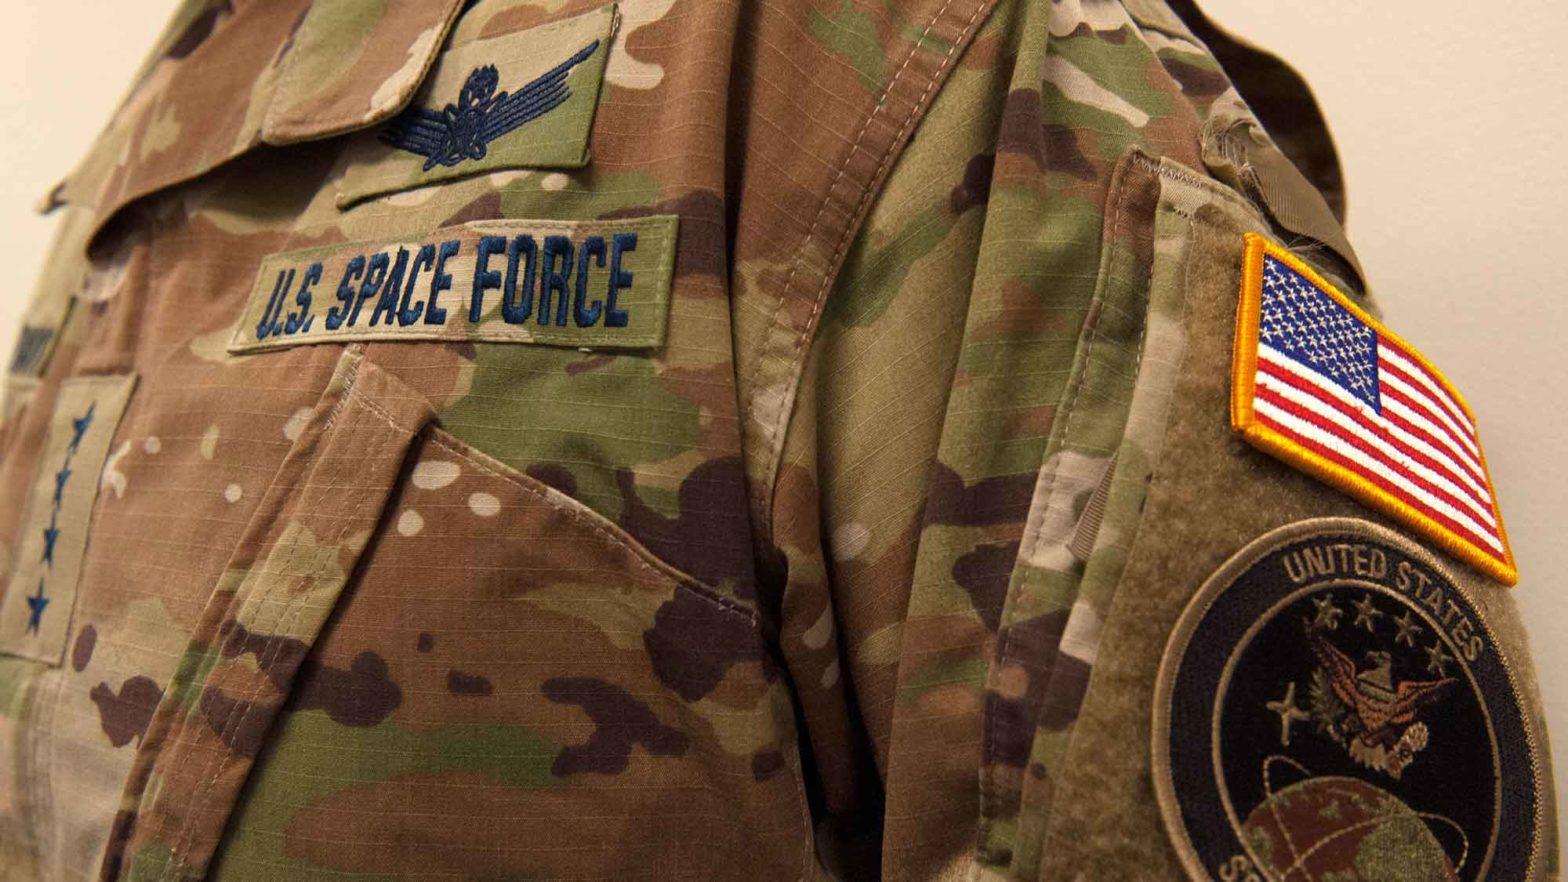 U.S. Space Force Uniform Unveiled